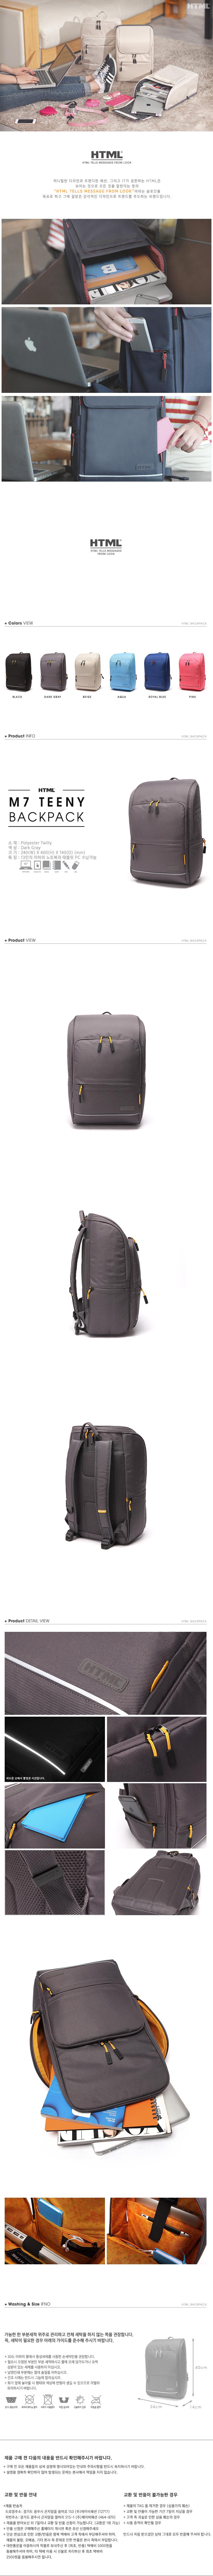 [에이치티엠엘]HTML-M7 WOMAN TEENY (2015) Backpack (DK.GRAY) 티니 백팩